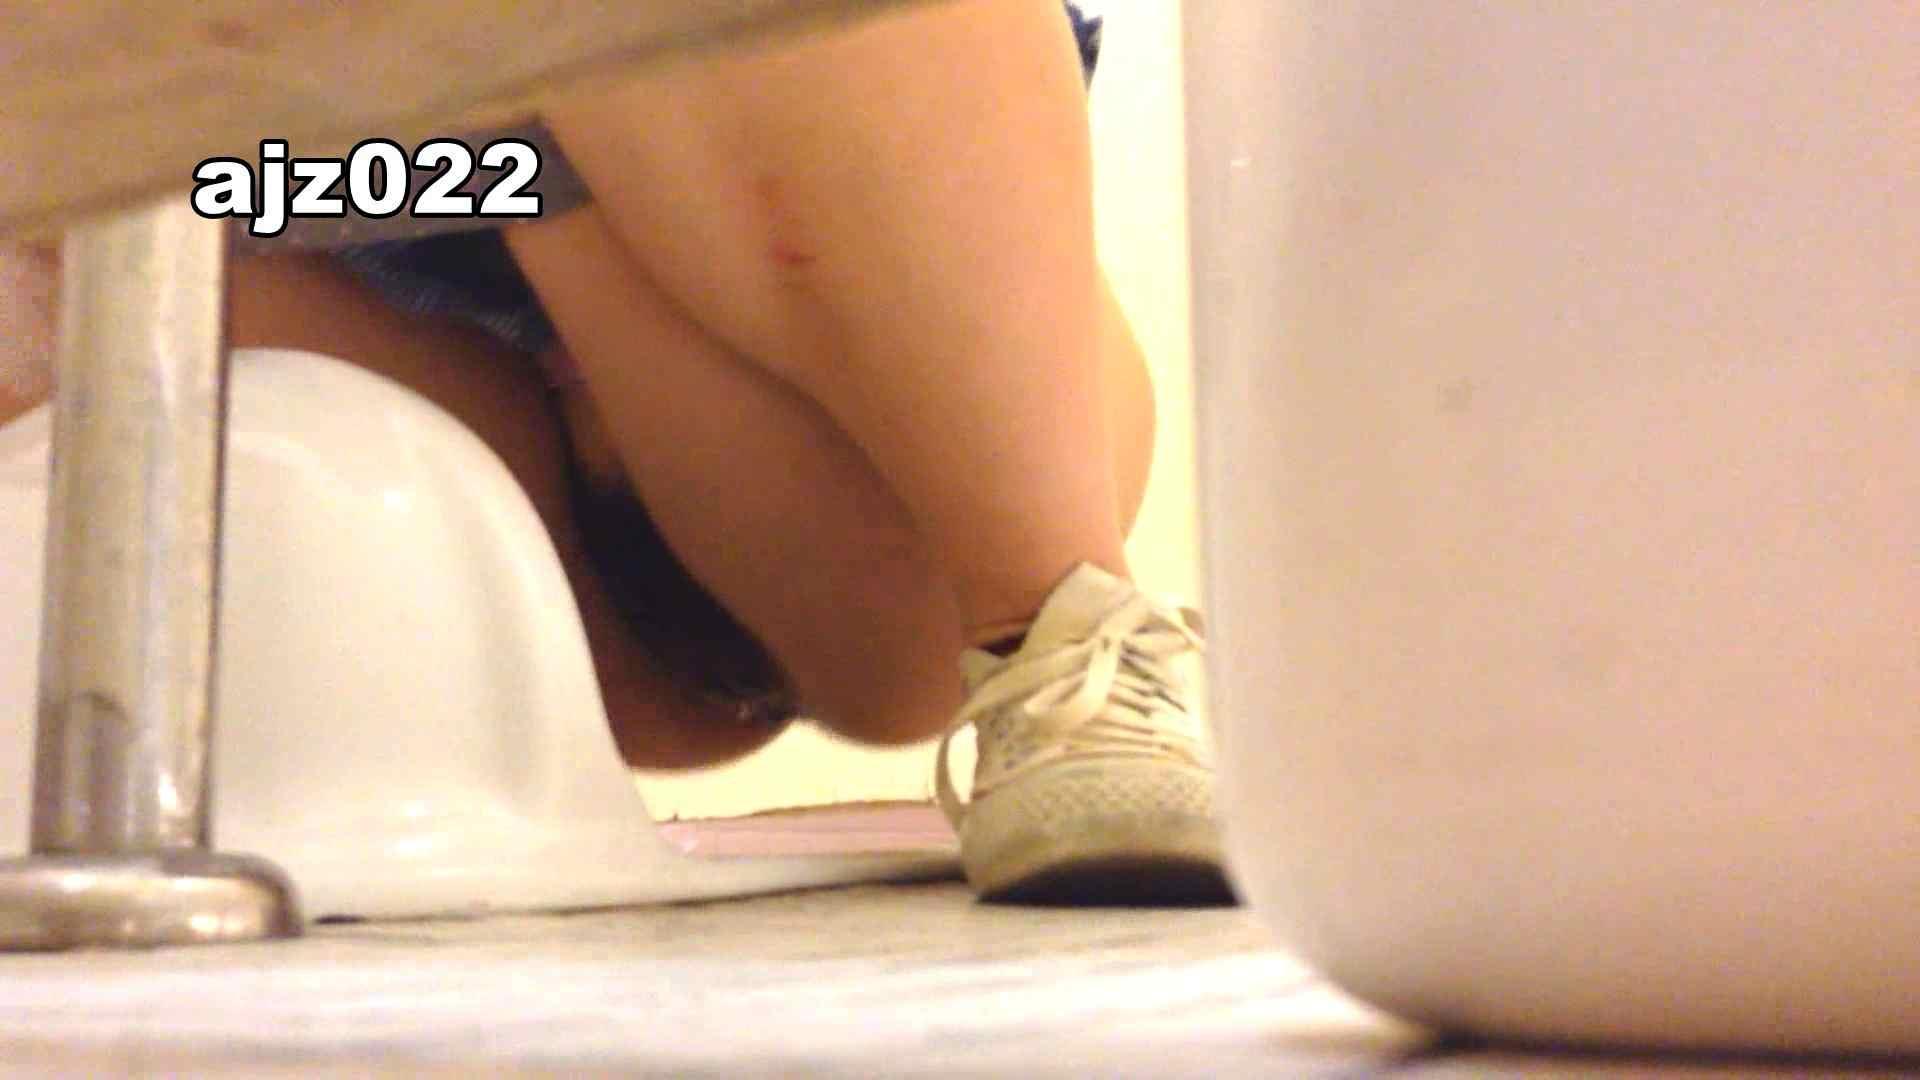 某有名大学女性洗面所 vol.22 投稿物 女性器鑑賞 94連発 13